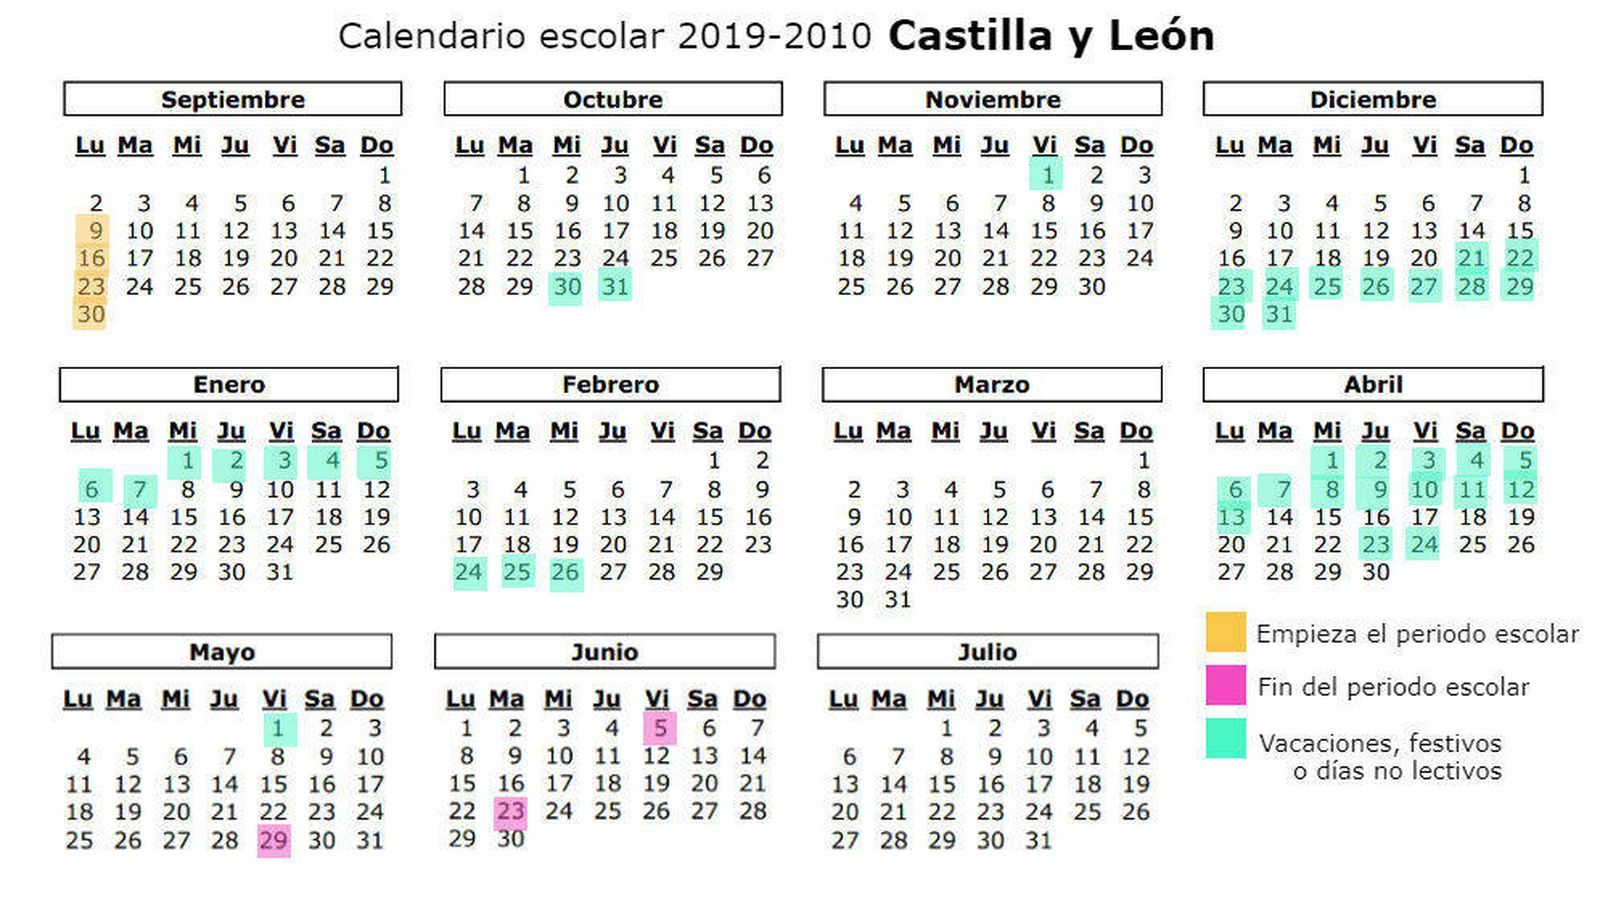 Calendario Laboral Castilla Y Leon 2020.Calendario Escolar 2019 2020 Para Castilla Y Leon Vacaciones